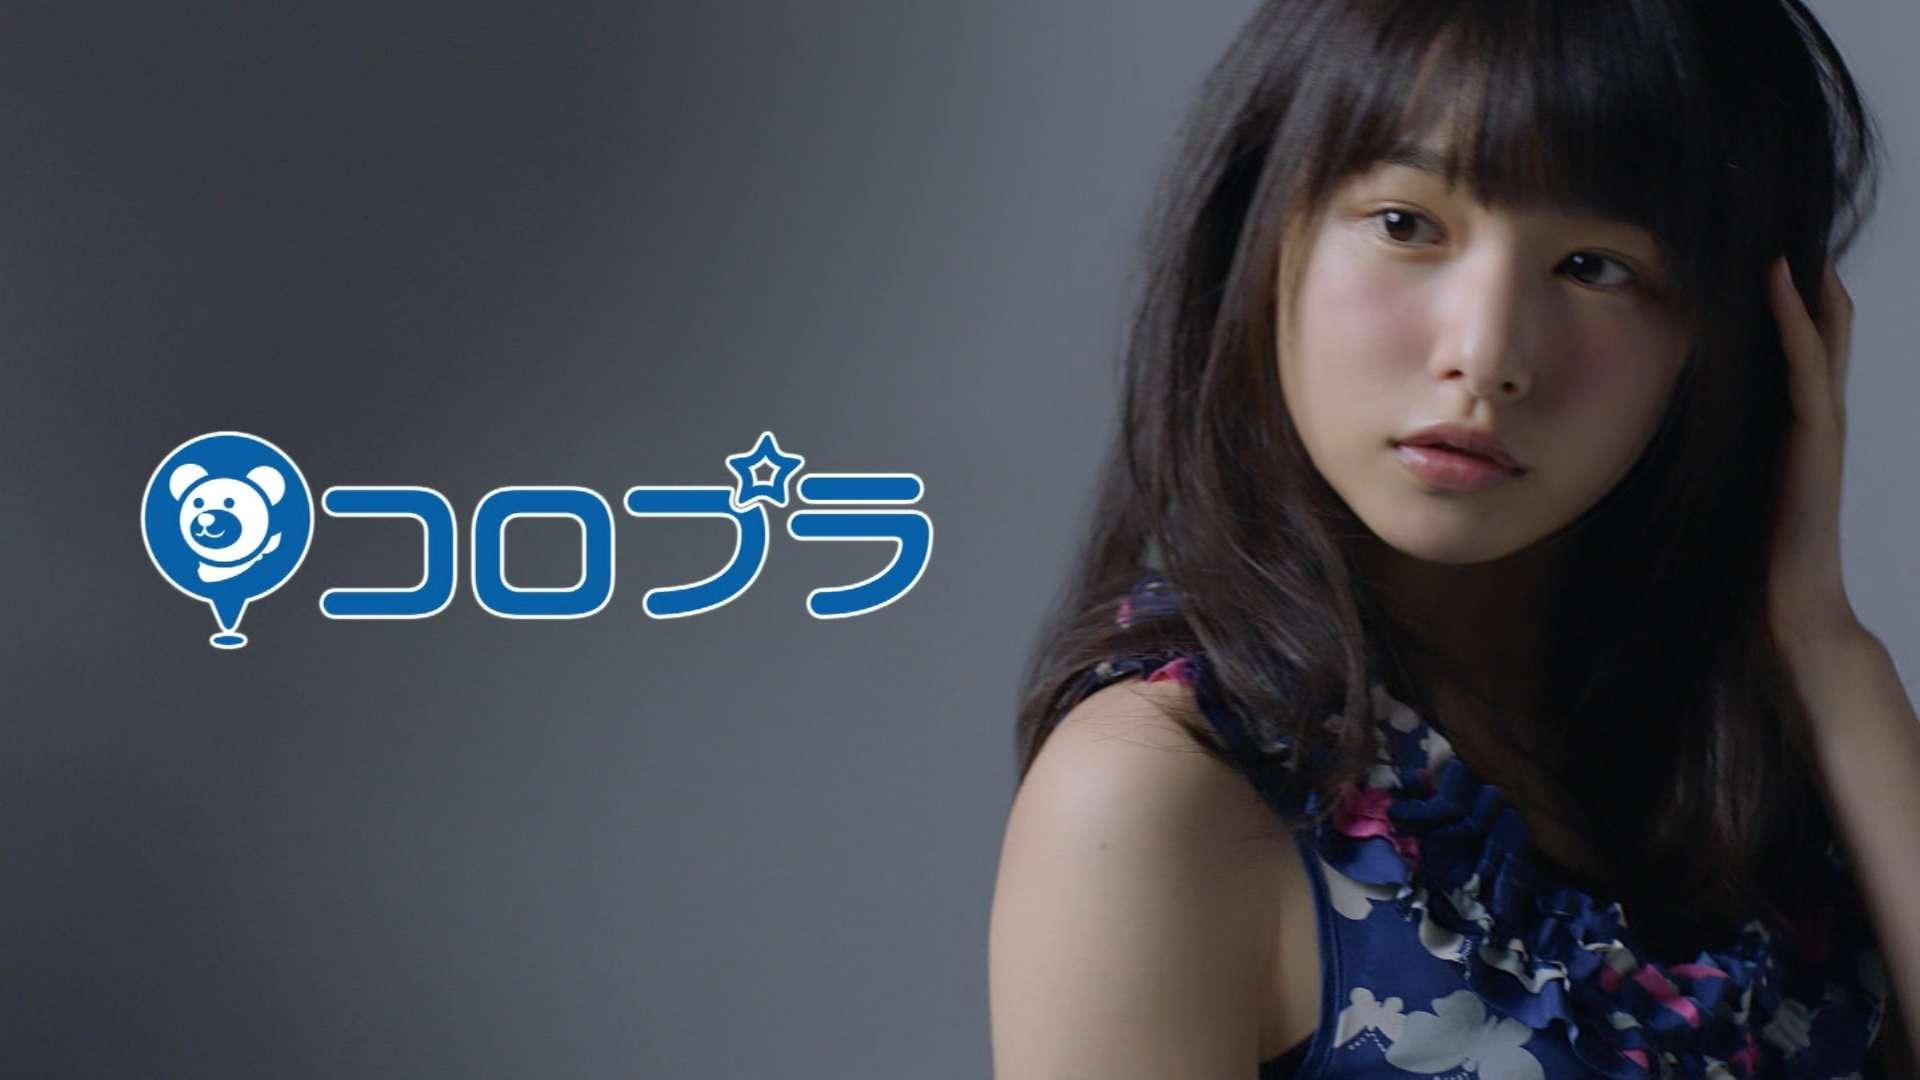 桜井日奈子 画像4